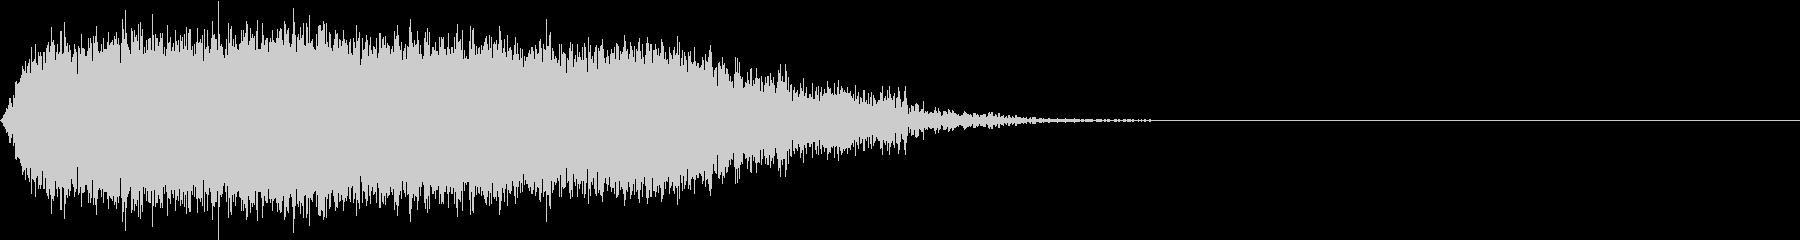 ビヨーン(電子音低〜高へ変化)SF定番の未再生の波形